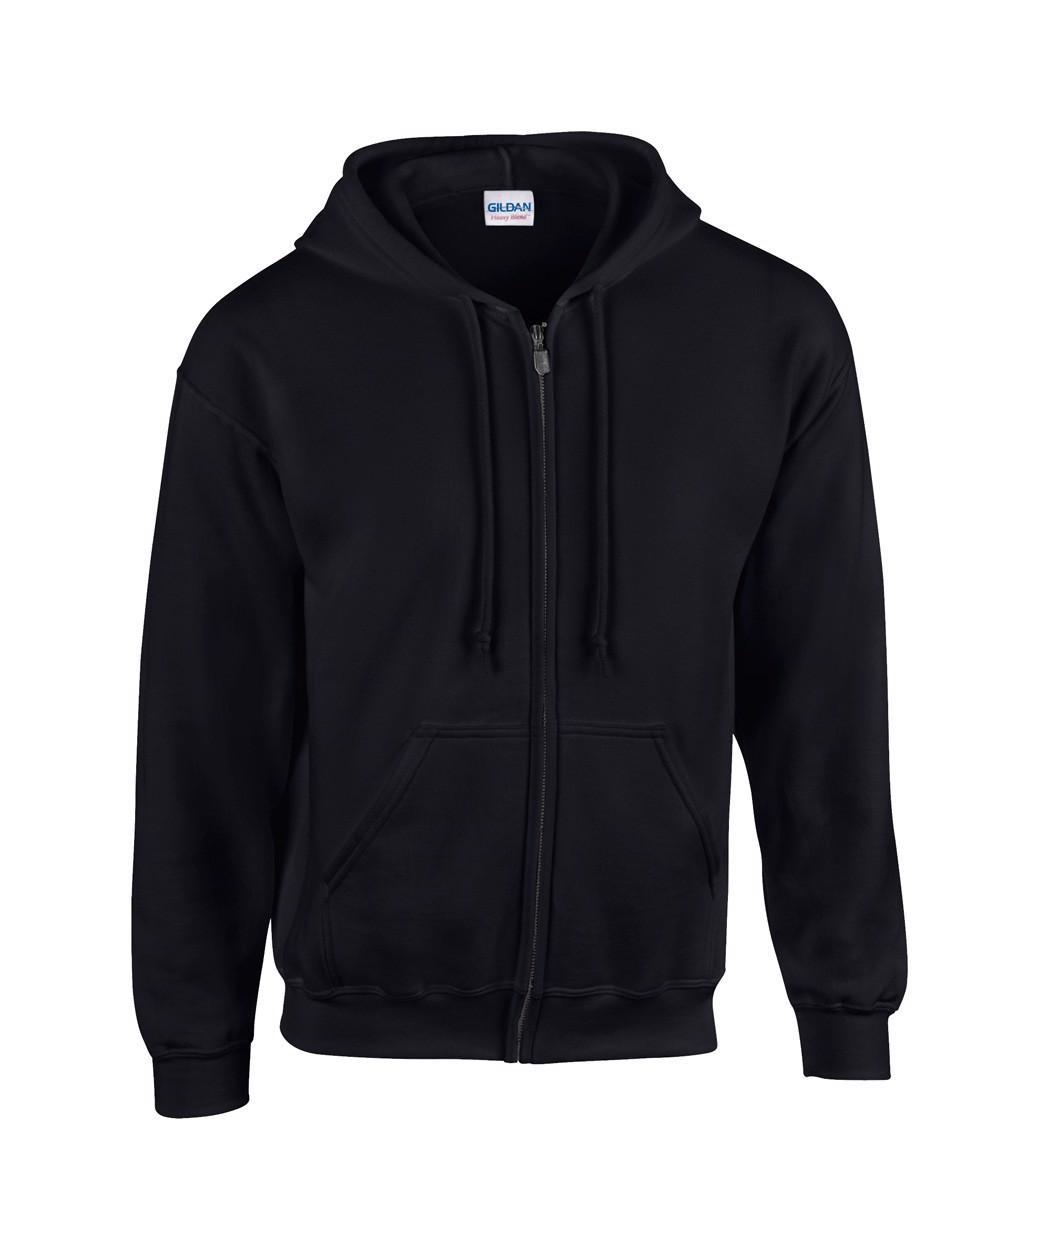 Sweatshirt HB Zip Hooded - Schwarz / M